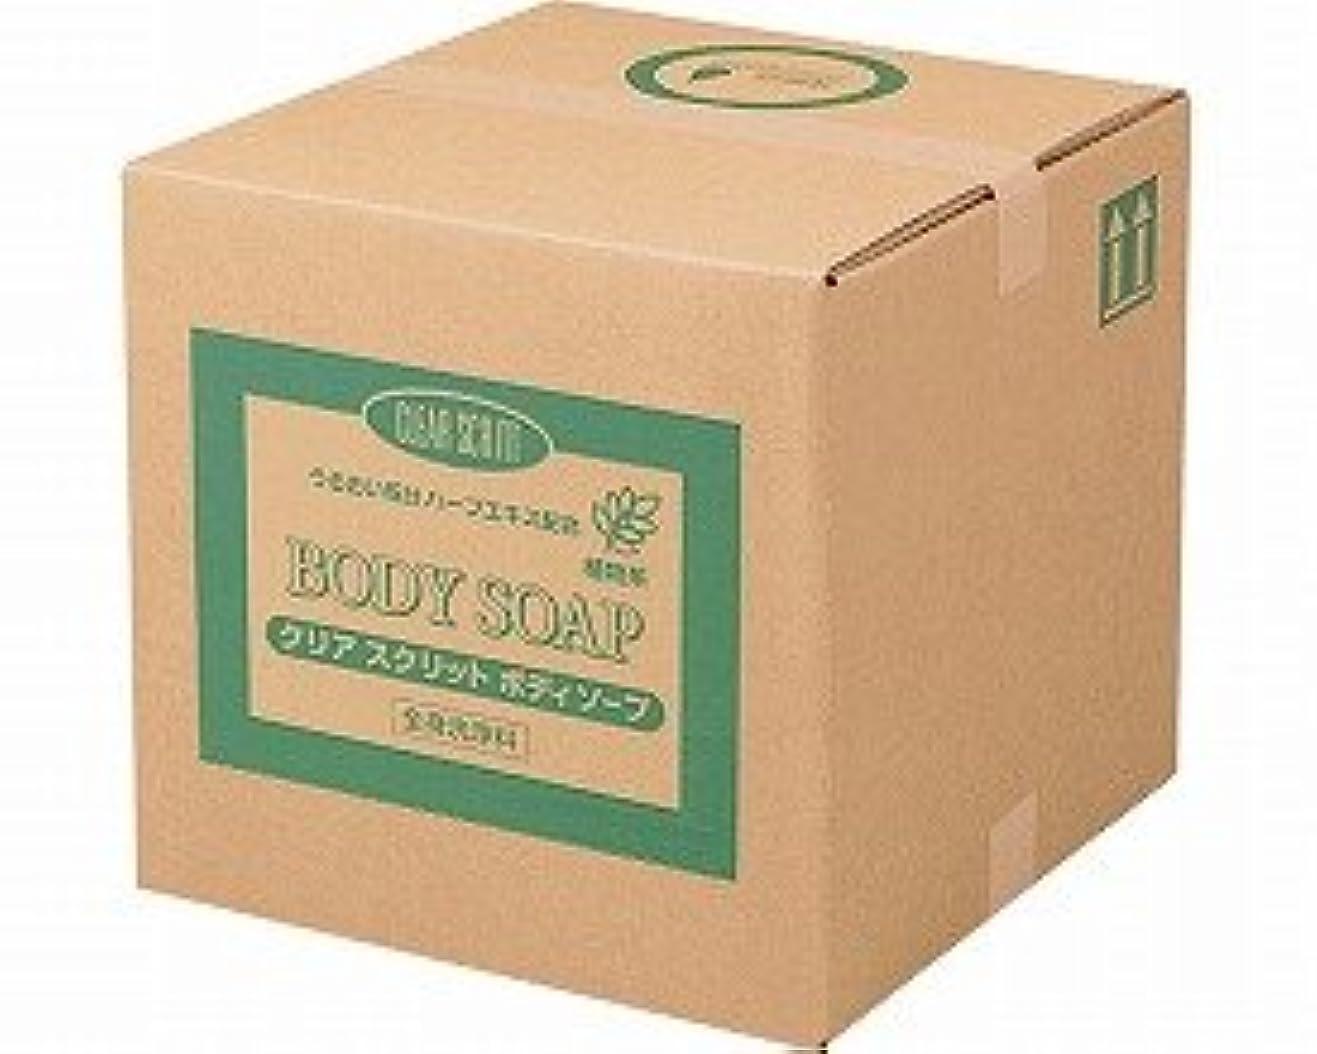 チロ隠パンダCLEAR SCRITT(クリアスクリット) ボディソープ 18L コック付 4355 (熊野油脂) (清拭小物)